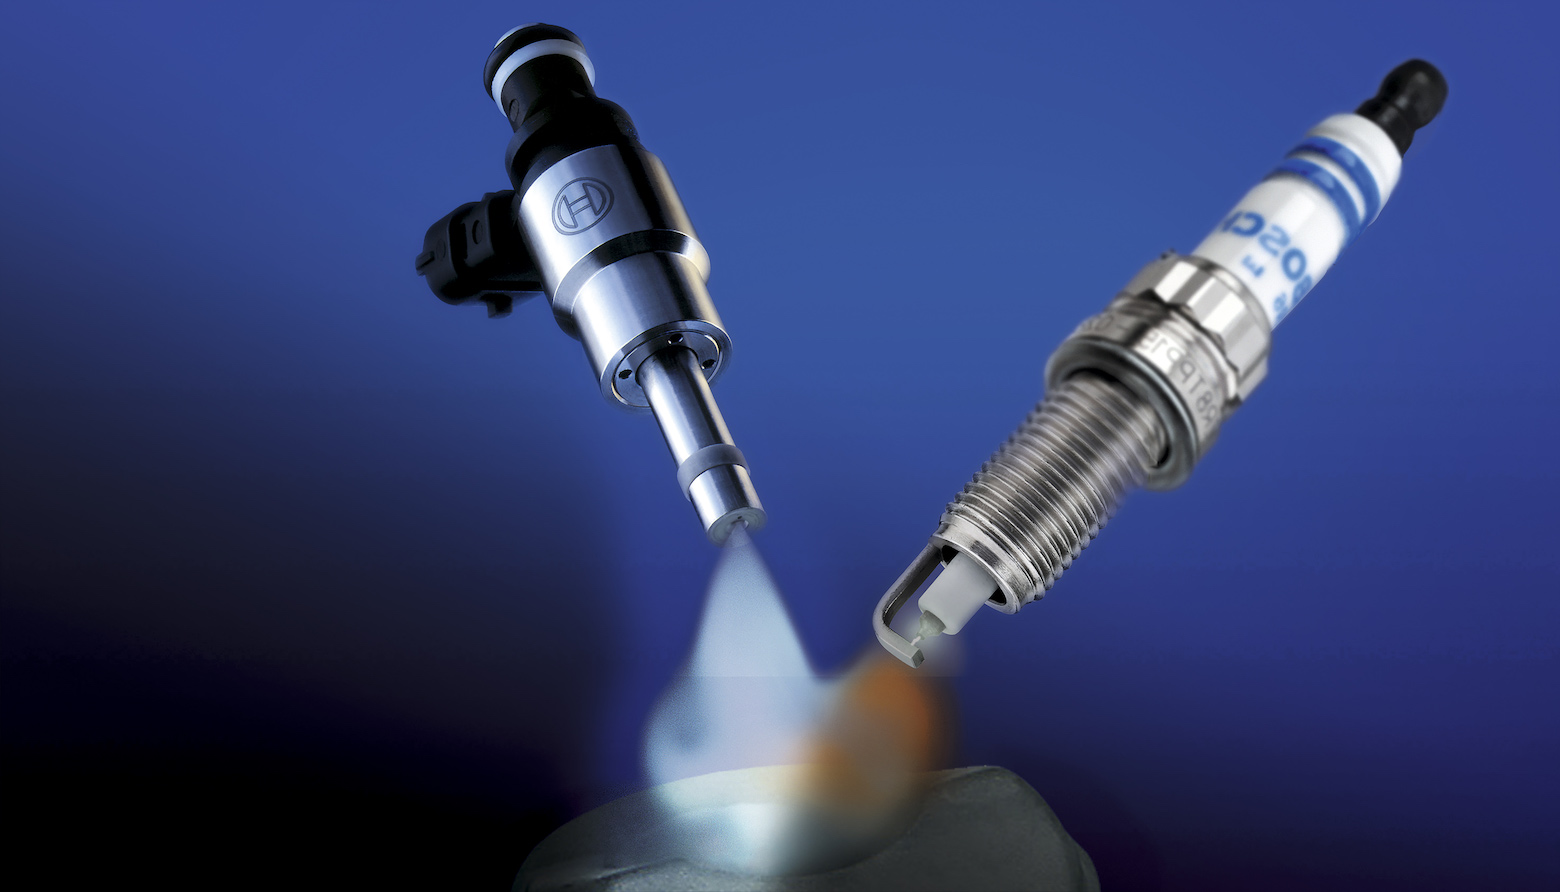 ¿Cómo funciona la inyección de gasolina?